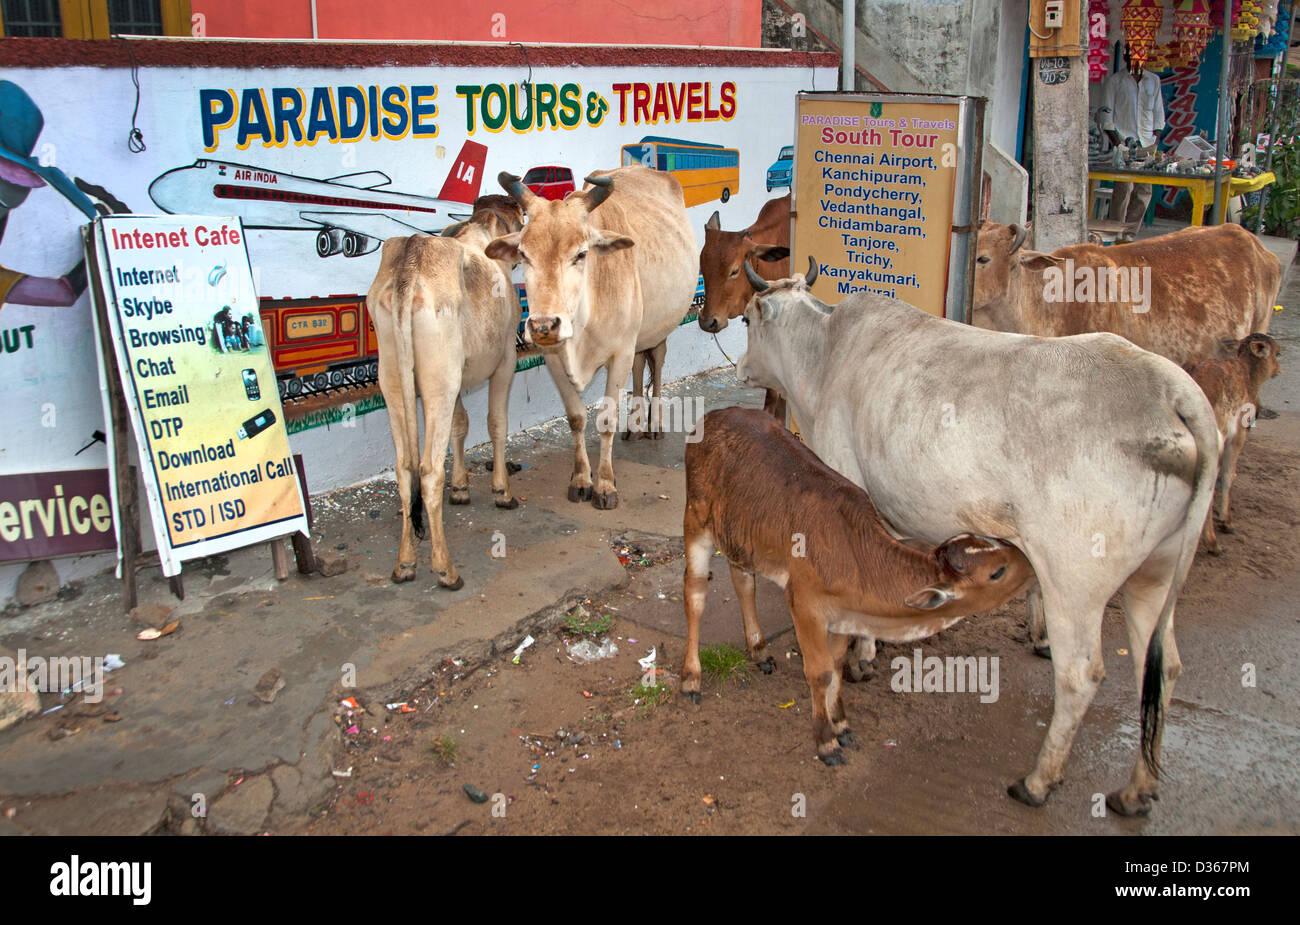 Des vaches sacrées agence de voyage Voyages Paradise Tours Covelong ( Cobelon ) ou de Kovalam Inde Tamil Nadu Photo Stock